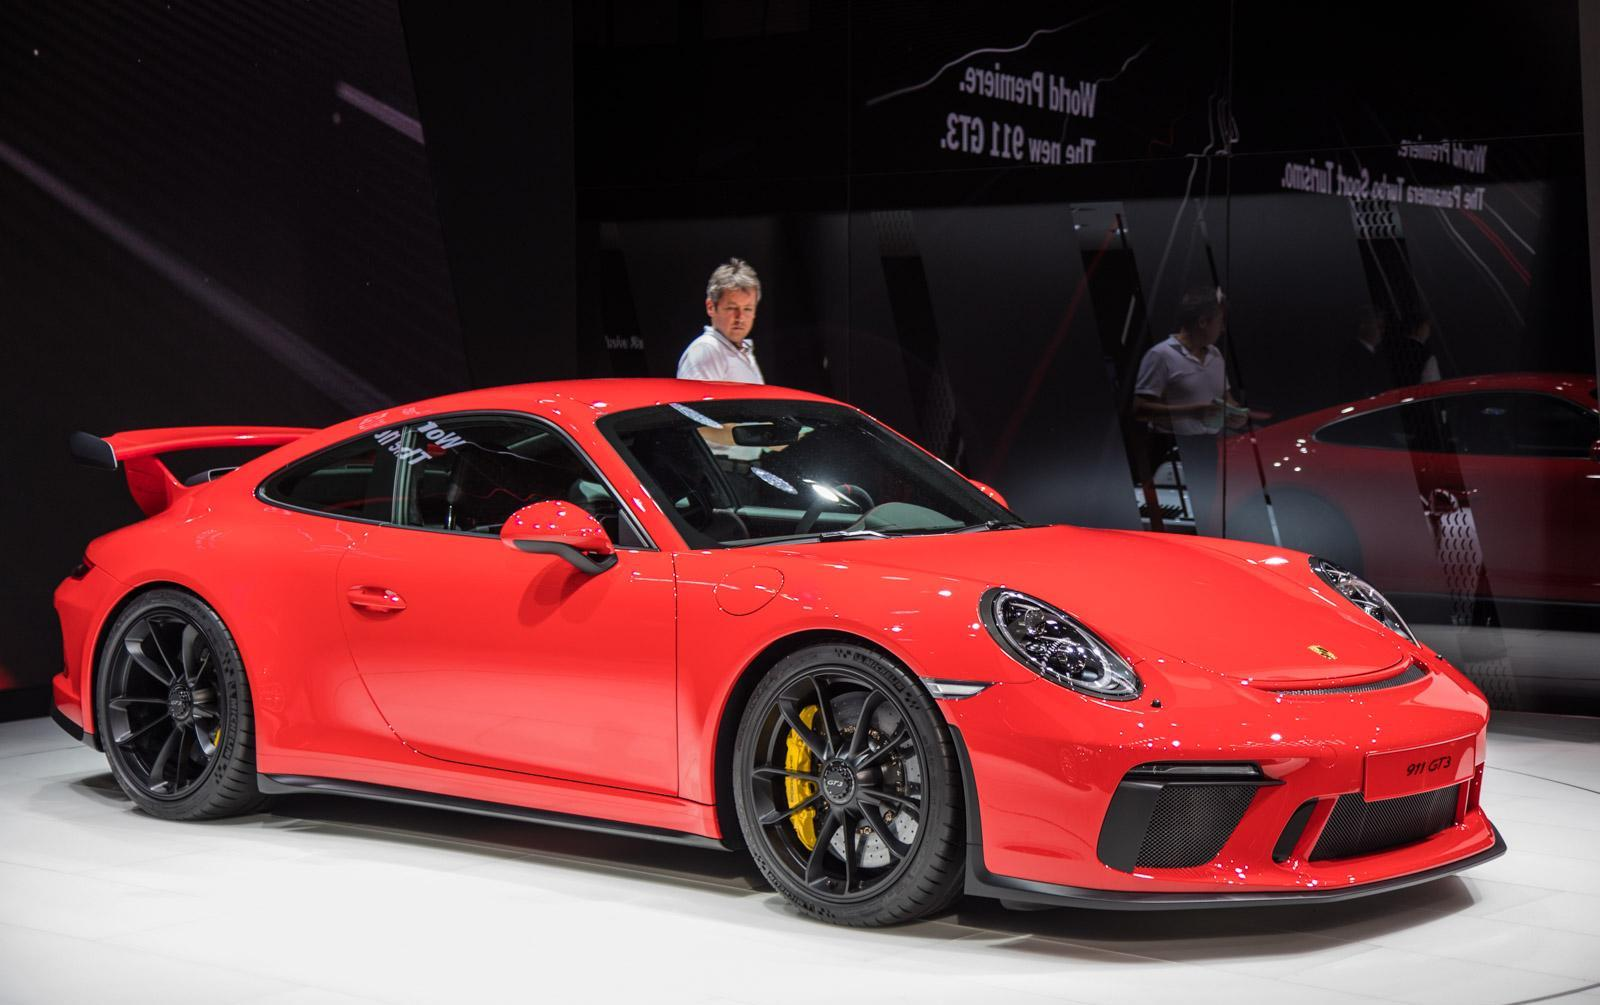 Porsche-911-gt3-facelift-009